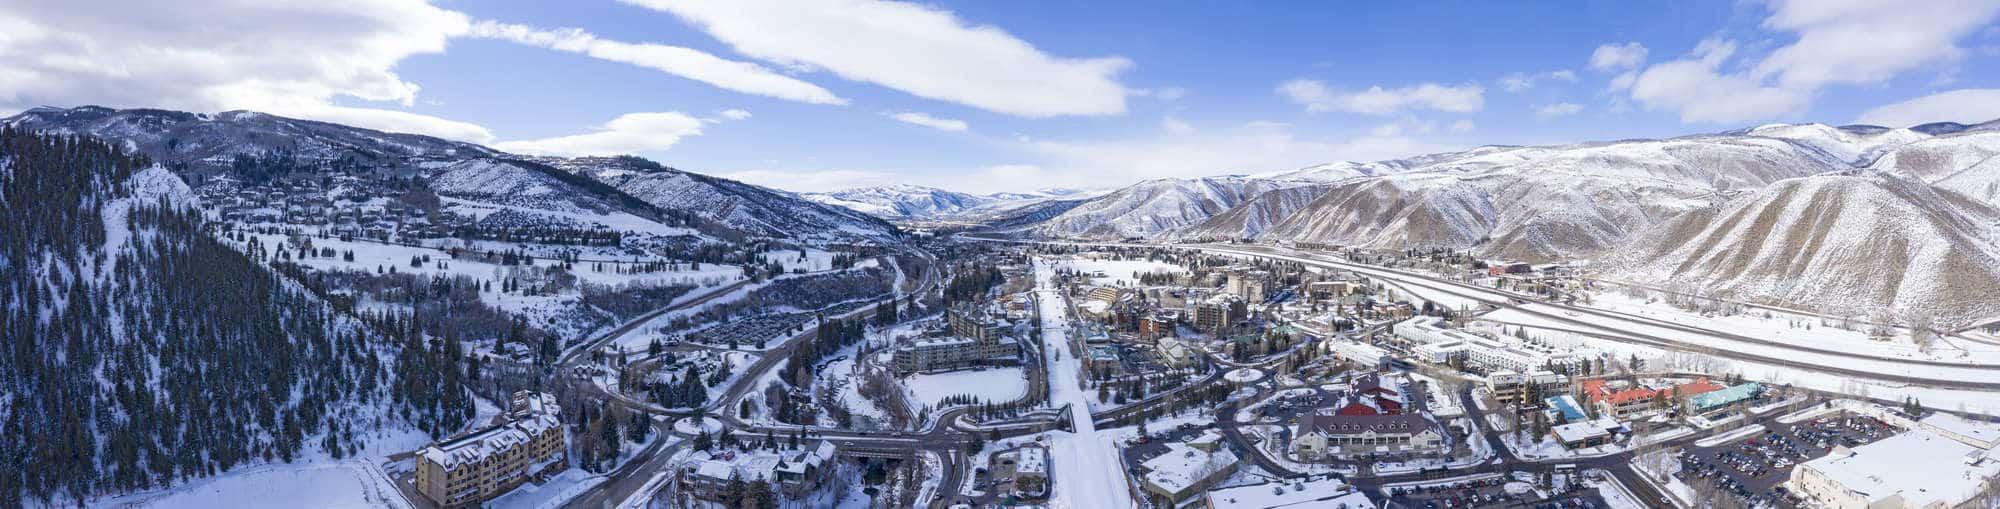 Beaver Creek, Avon Colorado USA Winter Panoramic View Ski Resort Town Snowy Mountain Peaks